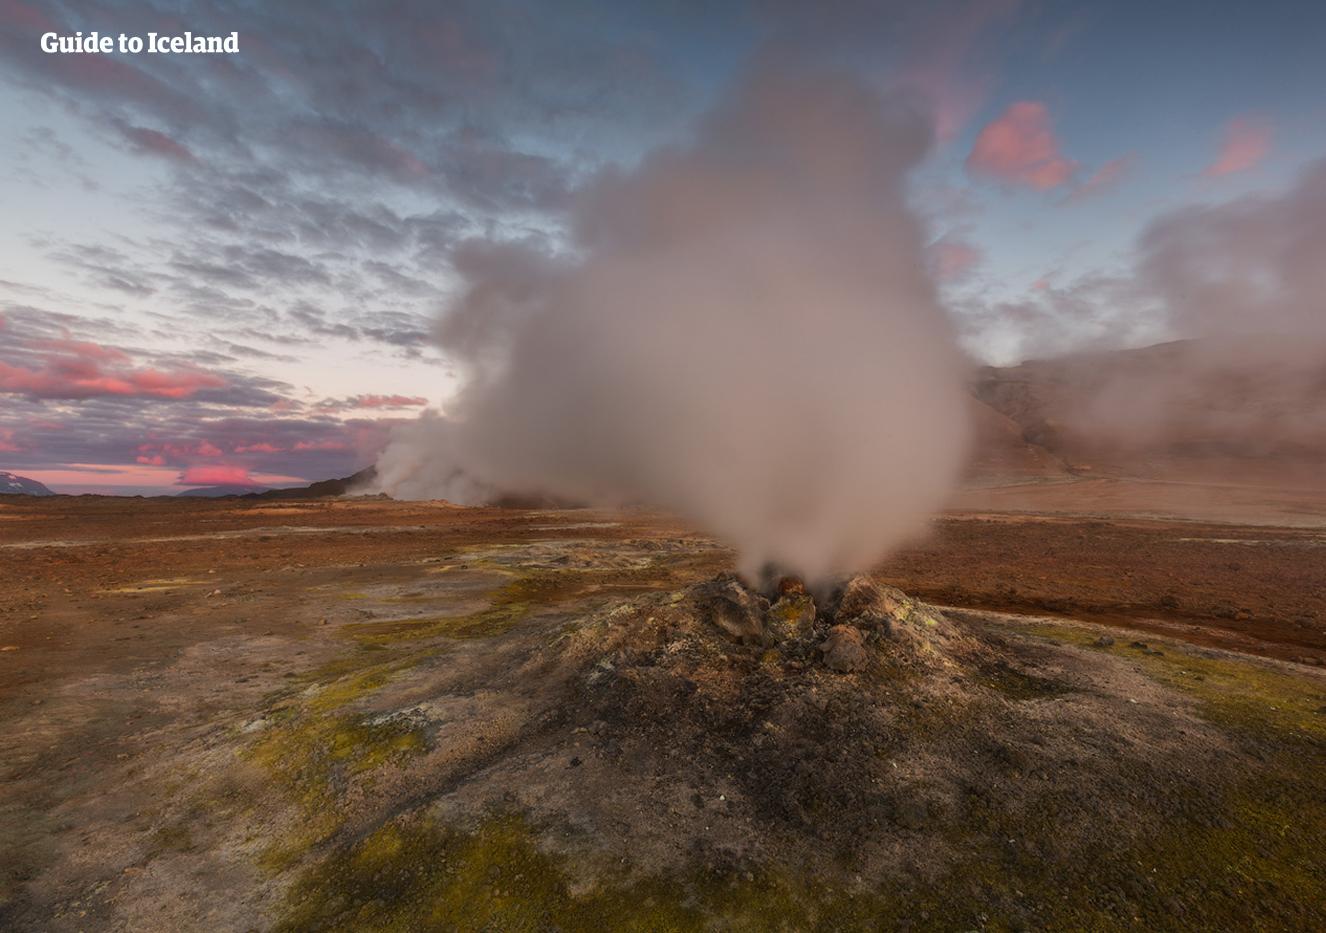 Damp stiger op fra jorden ved i geotermiske område Námaskarð nær Mývatn-søen.